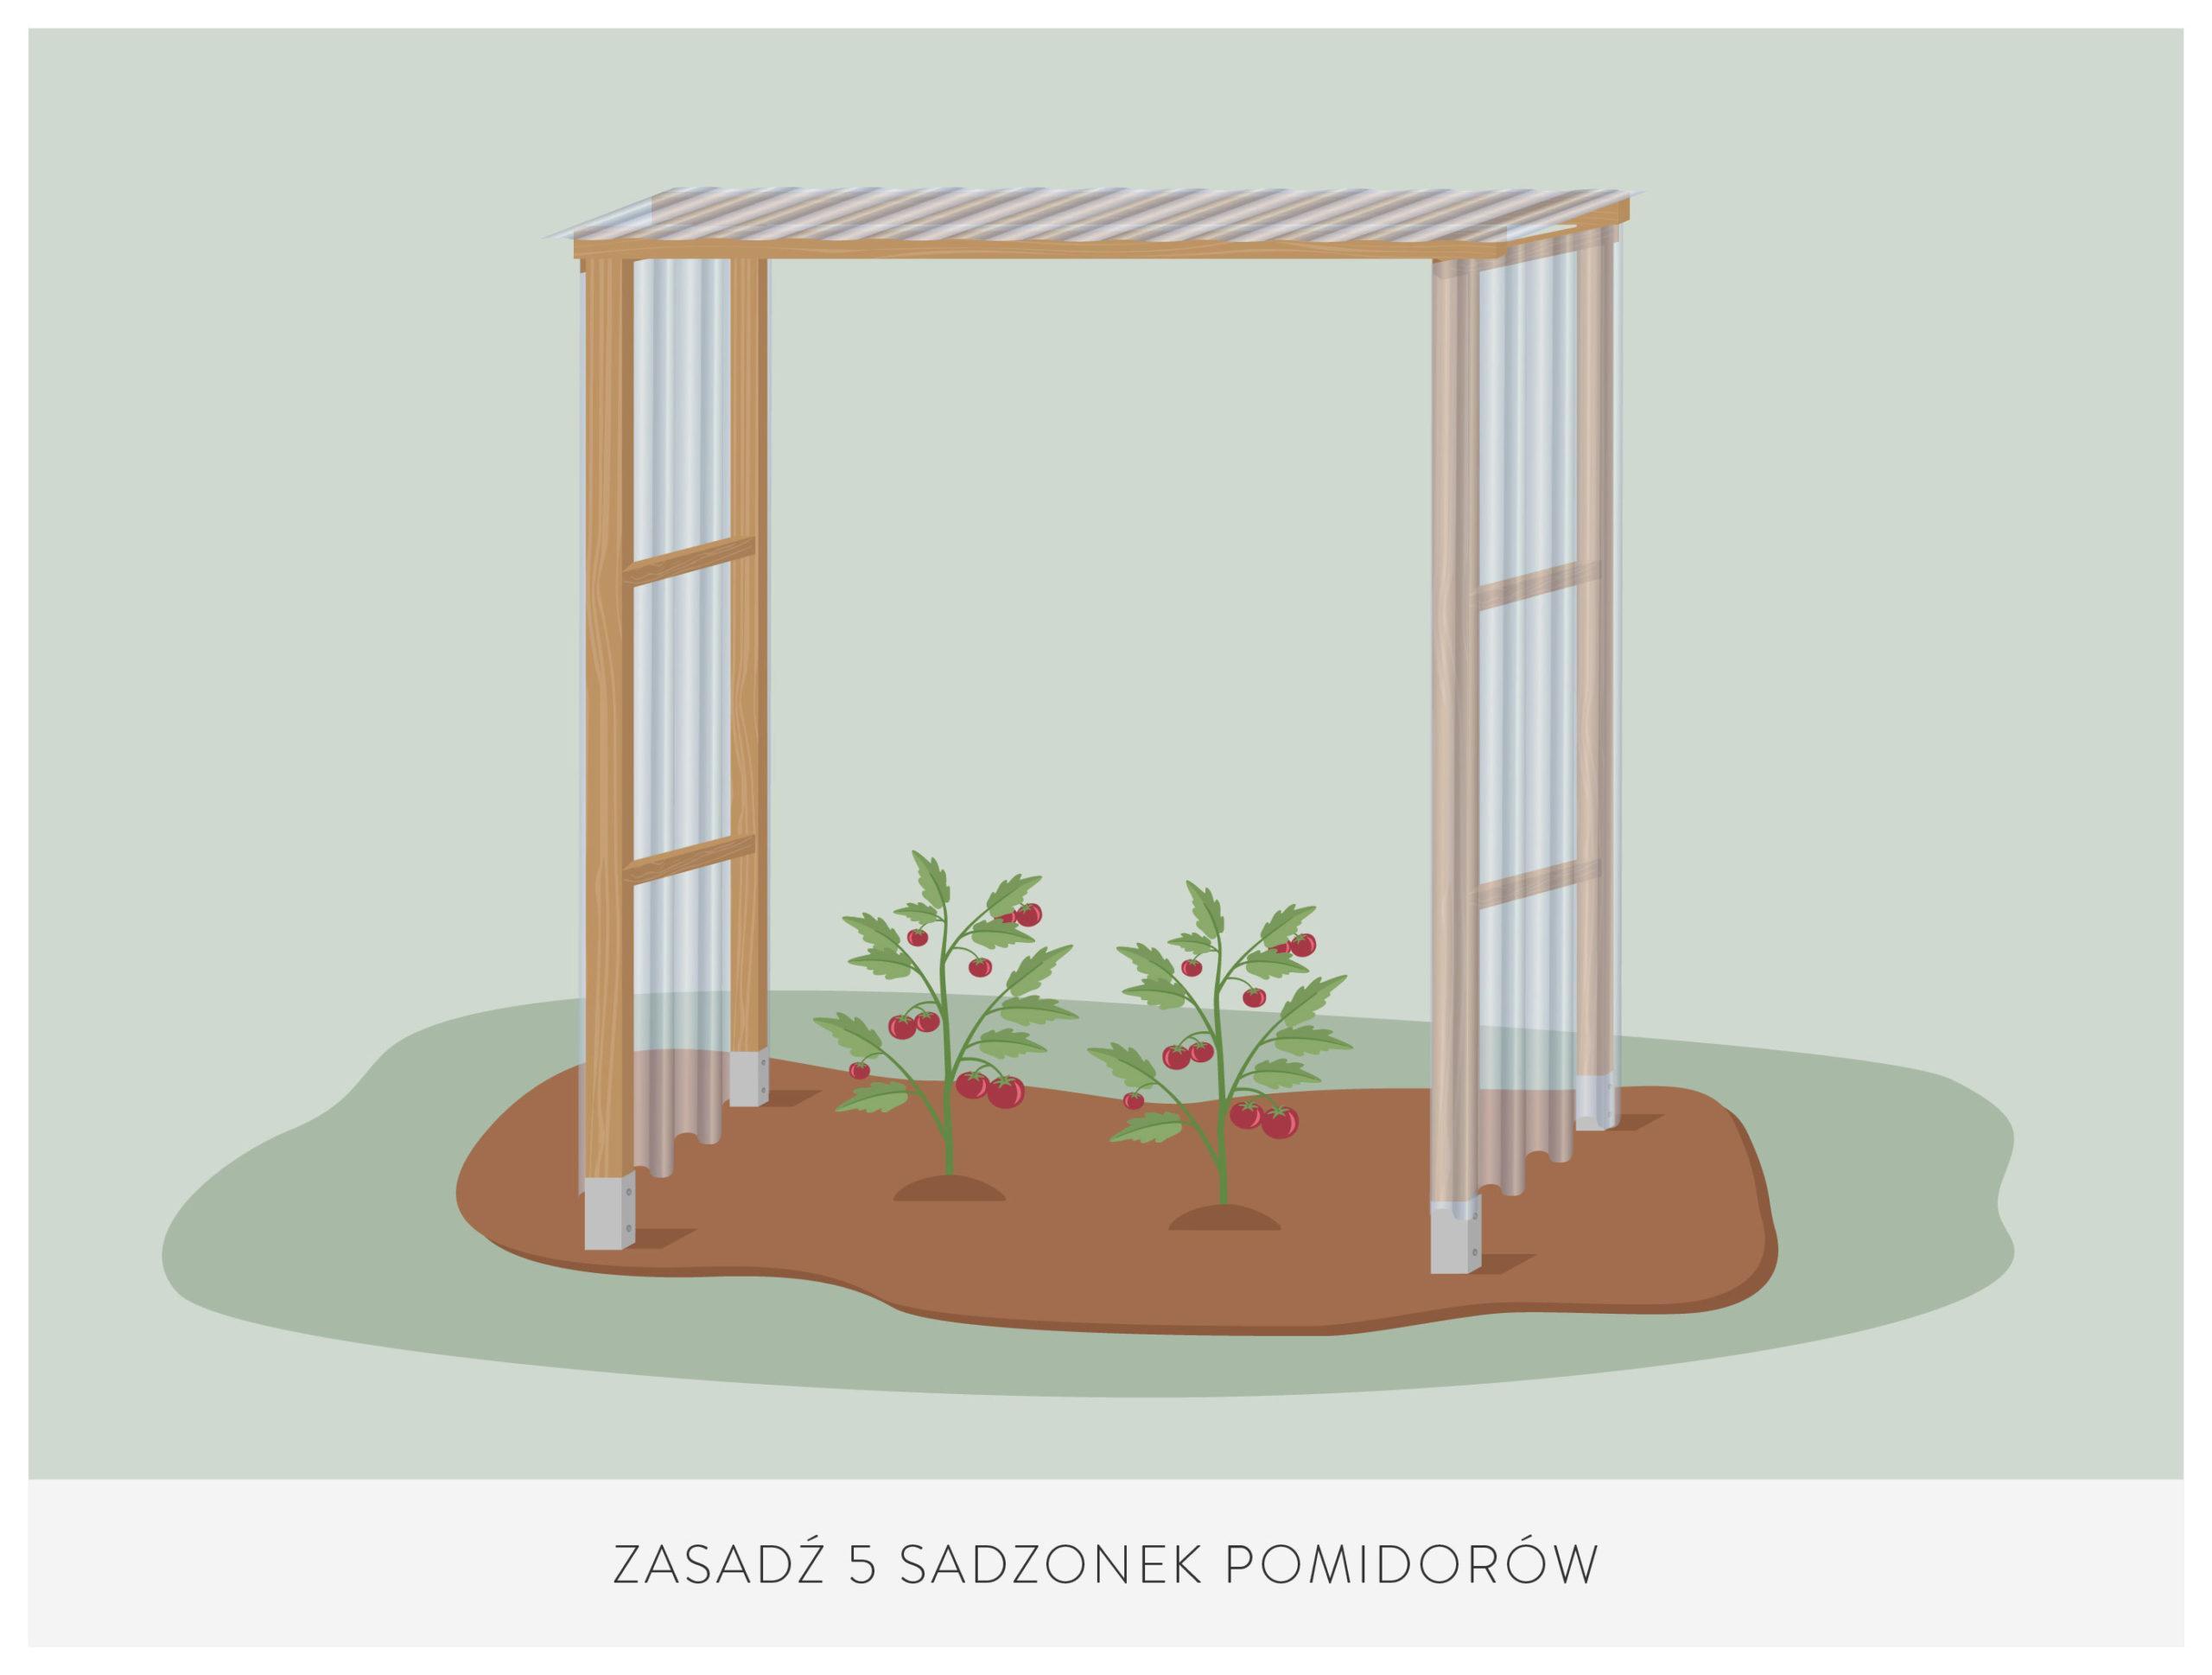 jak sadzić pomidory pod daszkiem krok po kroku